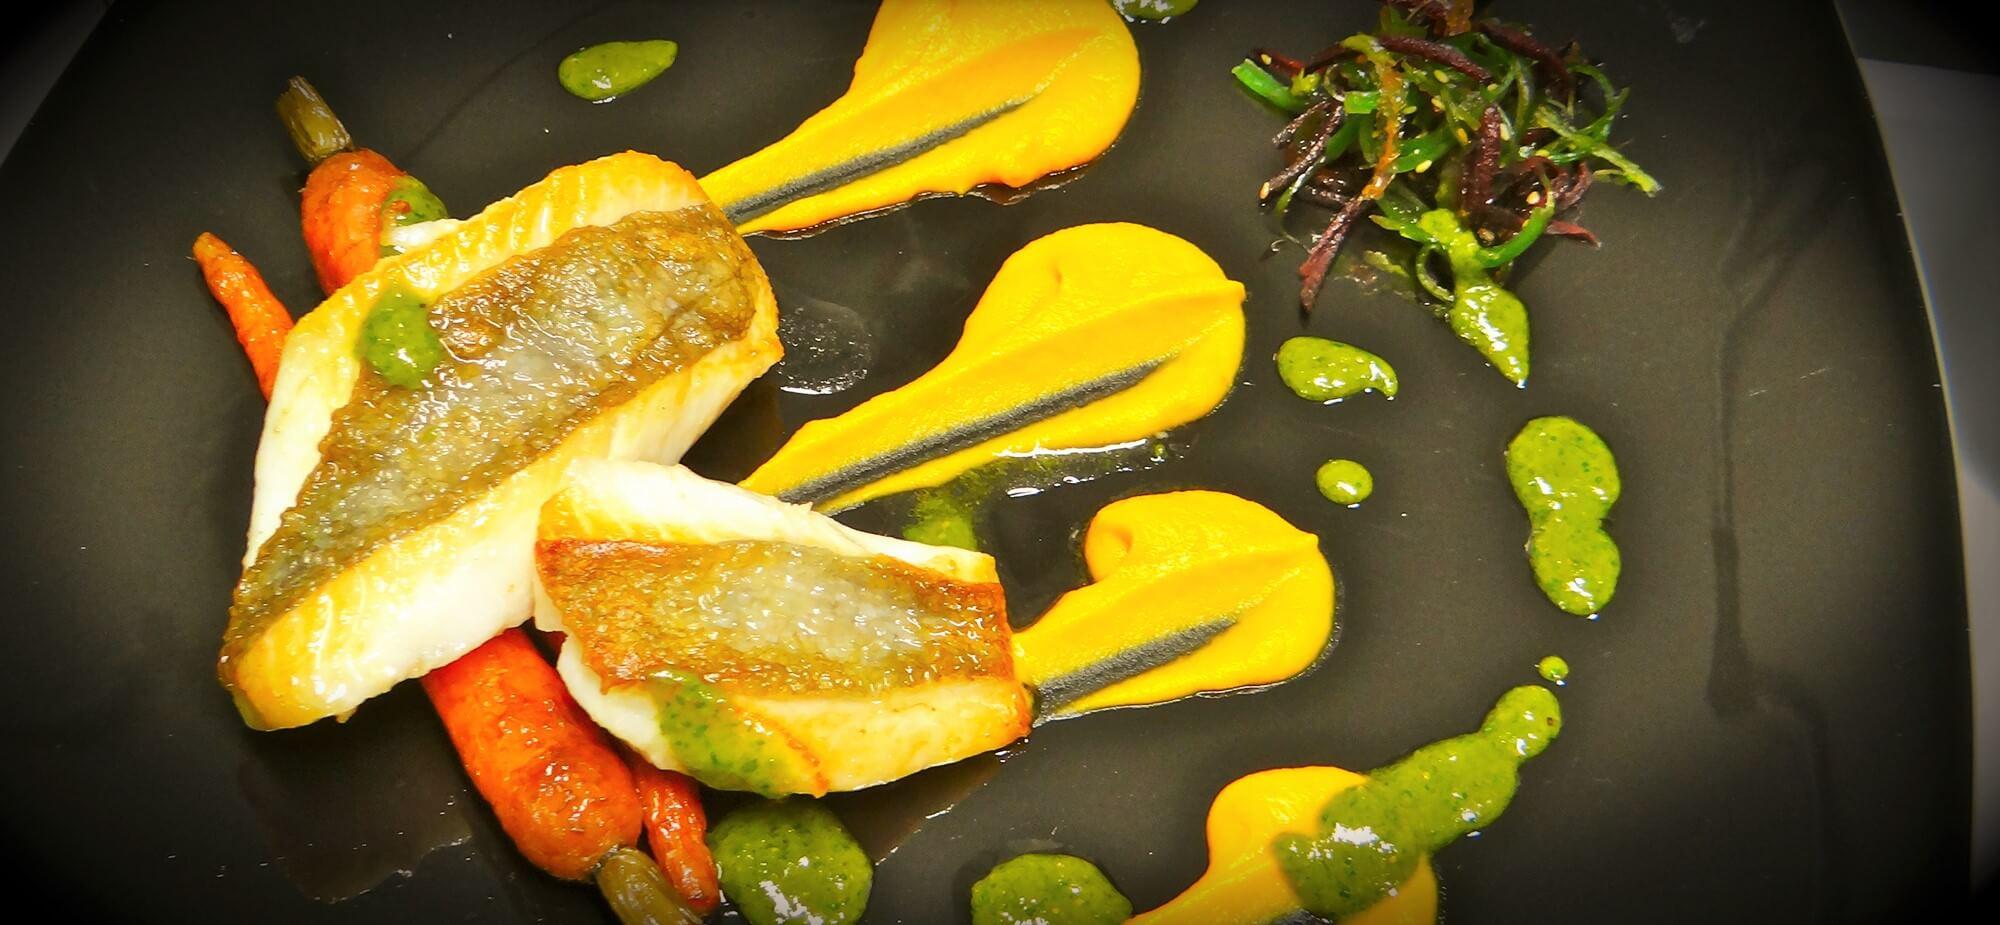 cuisine-boccafine-assiette-noire